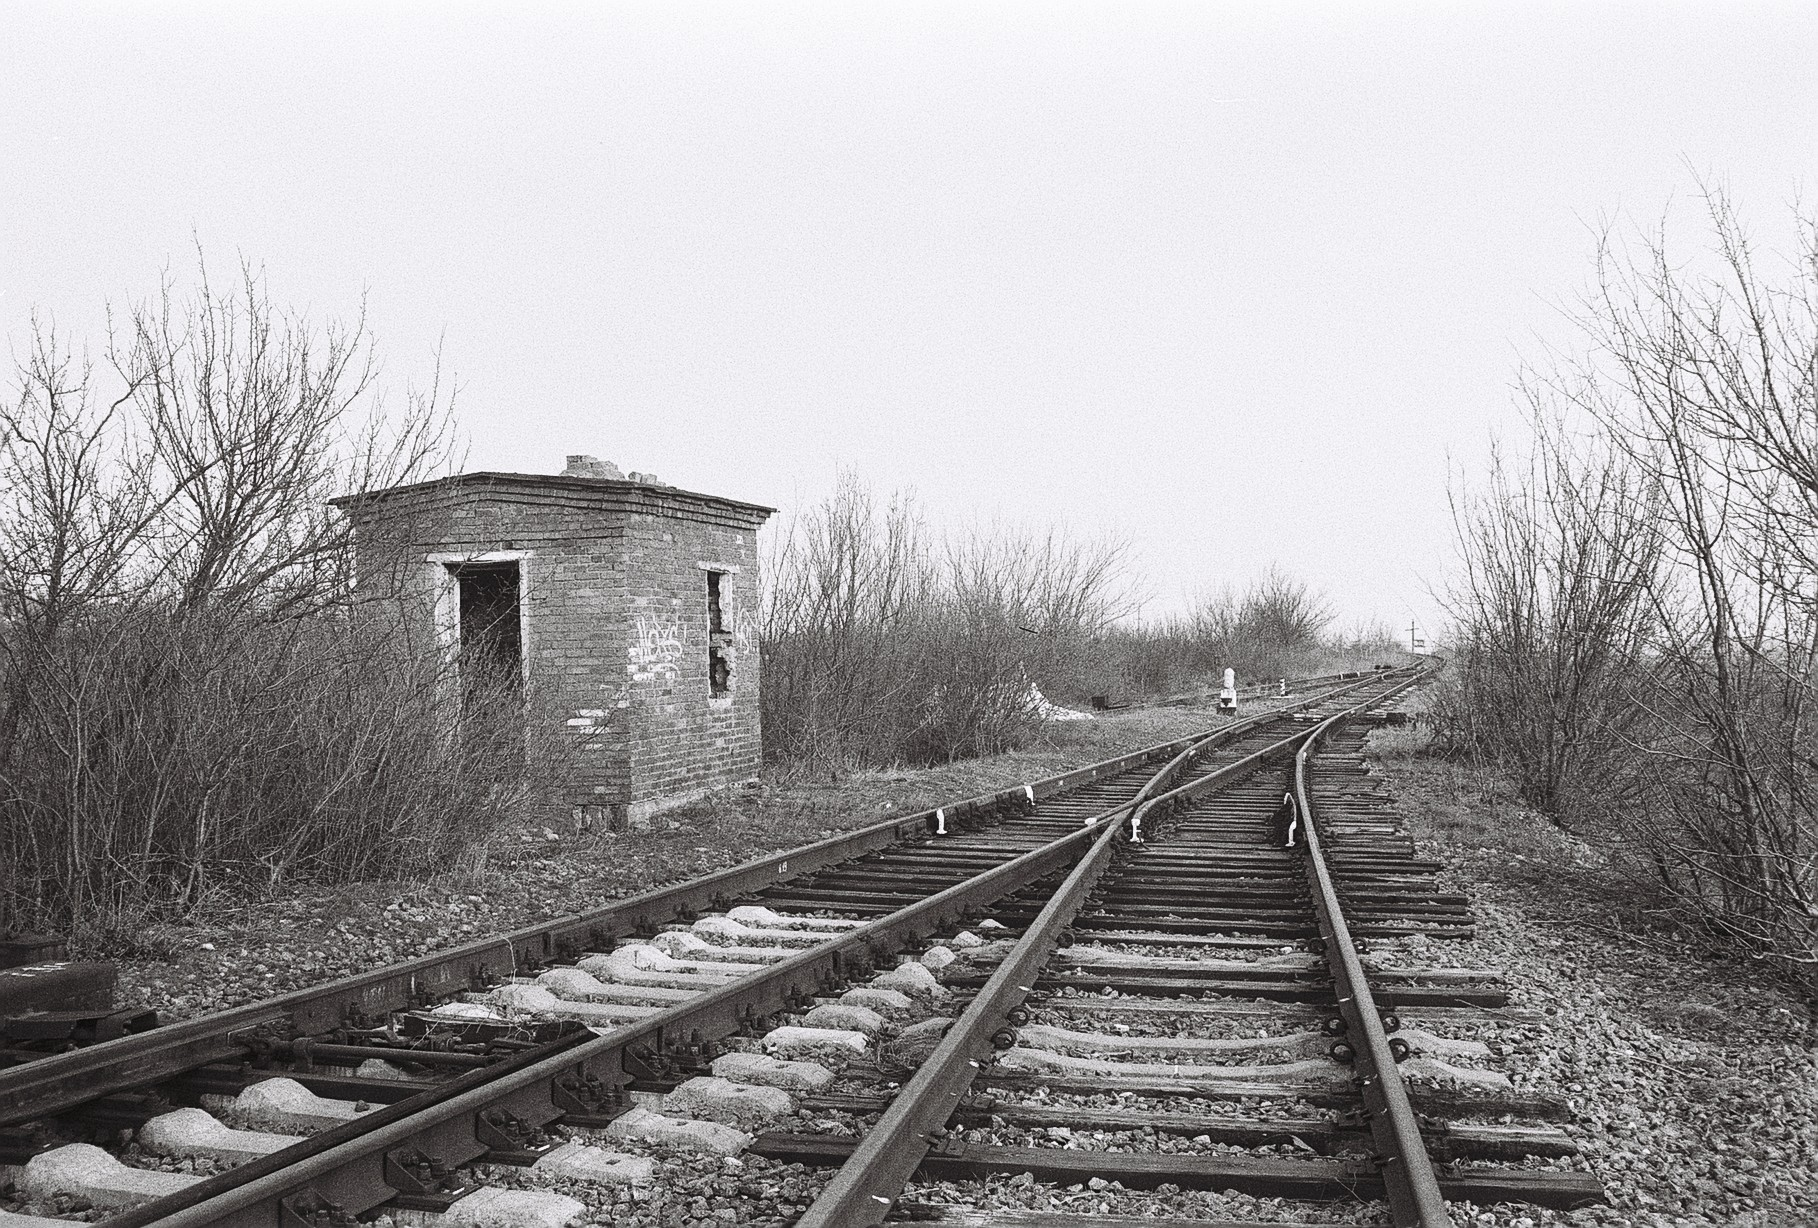 Одеська залізниця, недіюча гілка Мигаєве - Ротове, станція Новознам'янка. Одеська область, Іванівський район